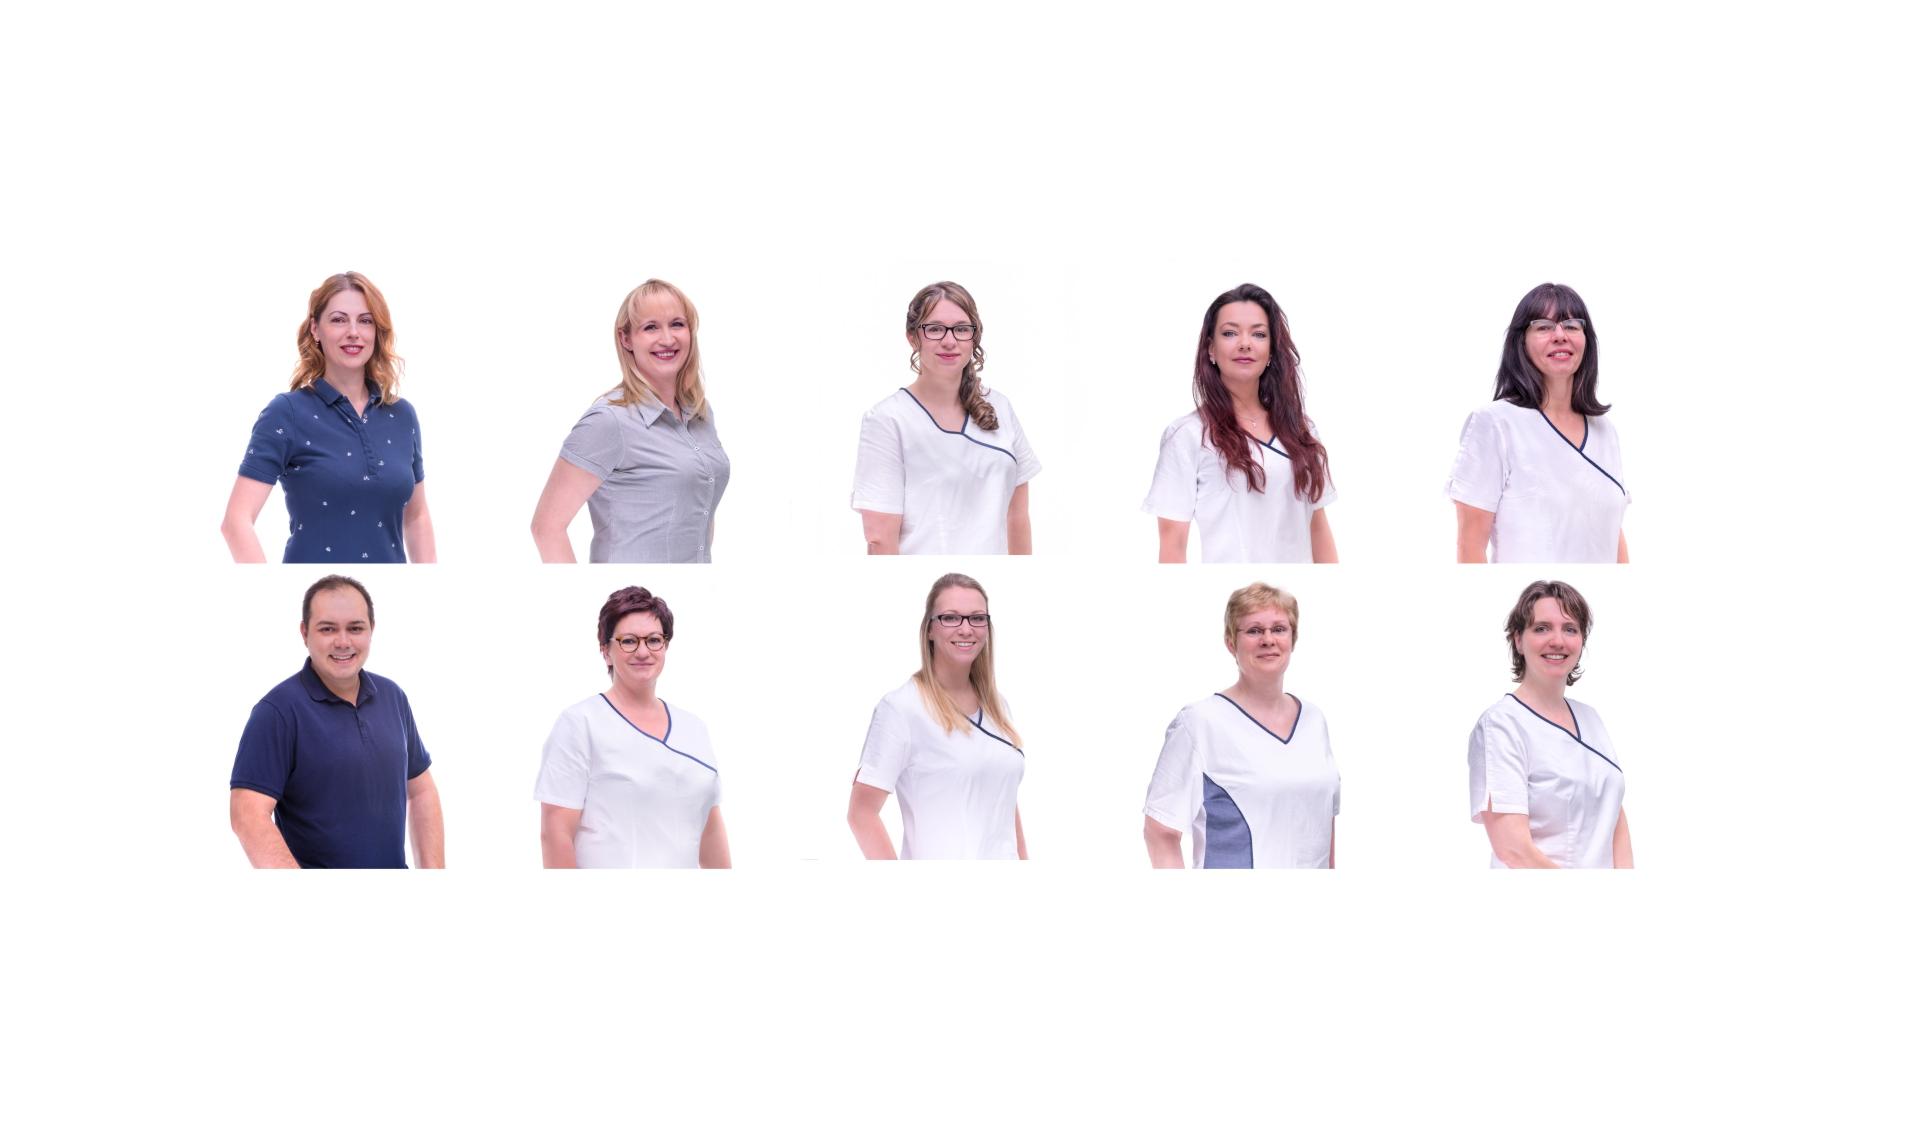 O-ZEN Portfolio Zahnarzt Schwalmtal Lobberich Portrait Fotos der Mitarbeiter auf weißem Hintergrund